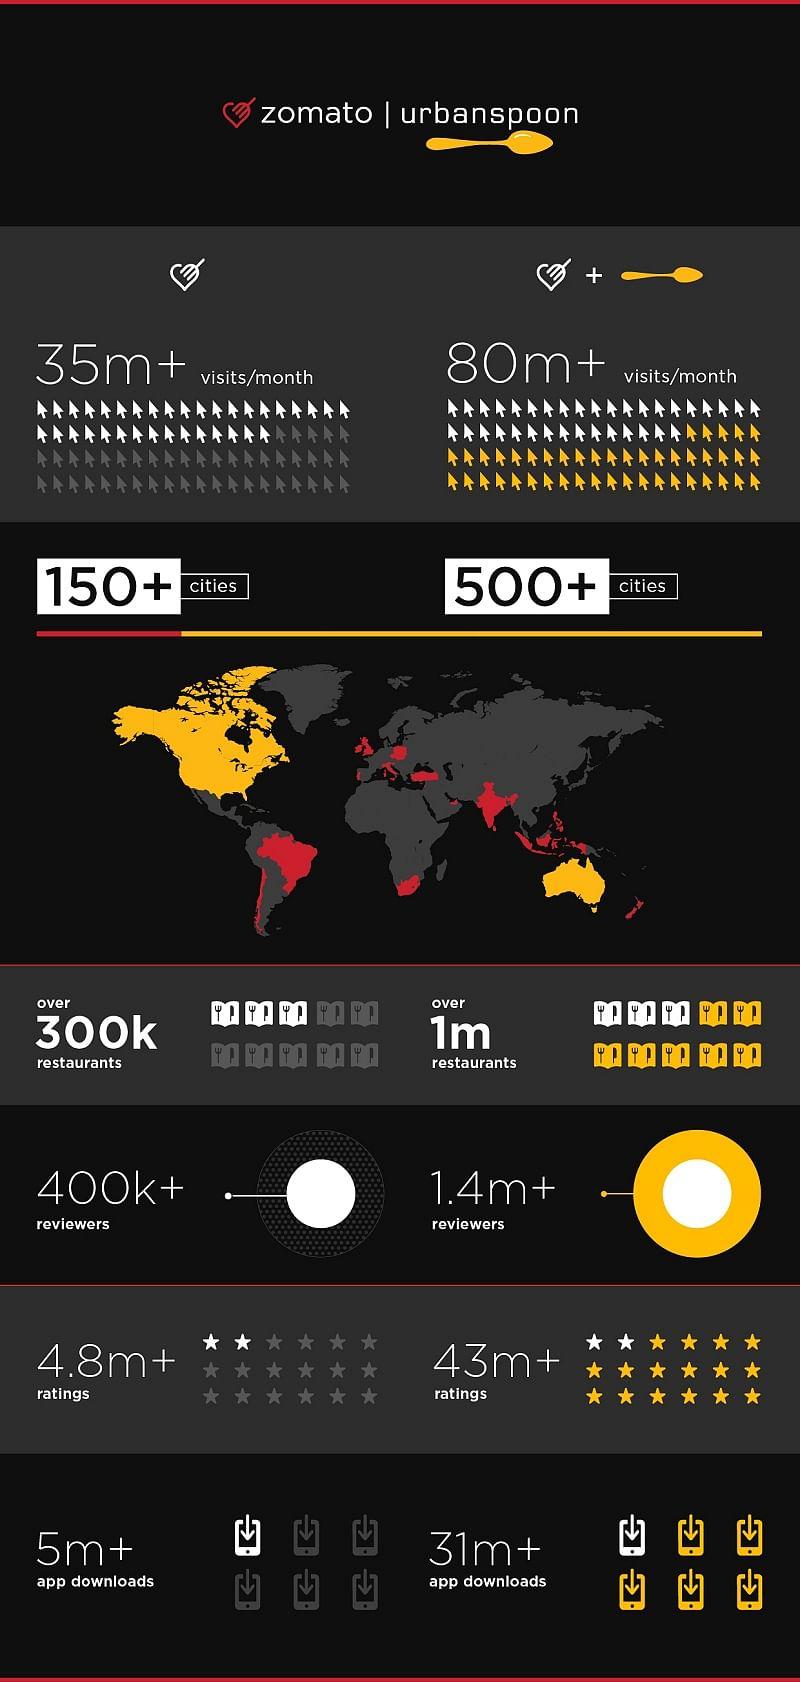 Infographic Zomato-Urbanspoon